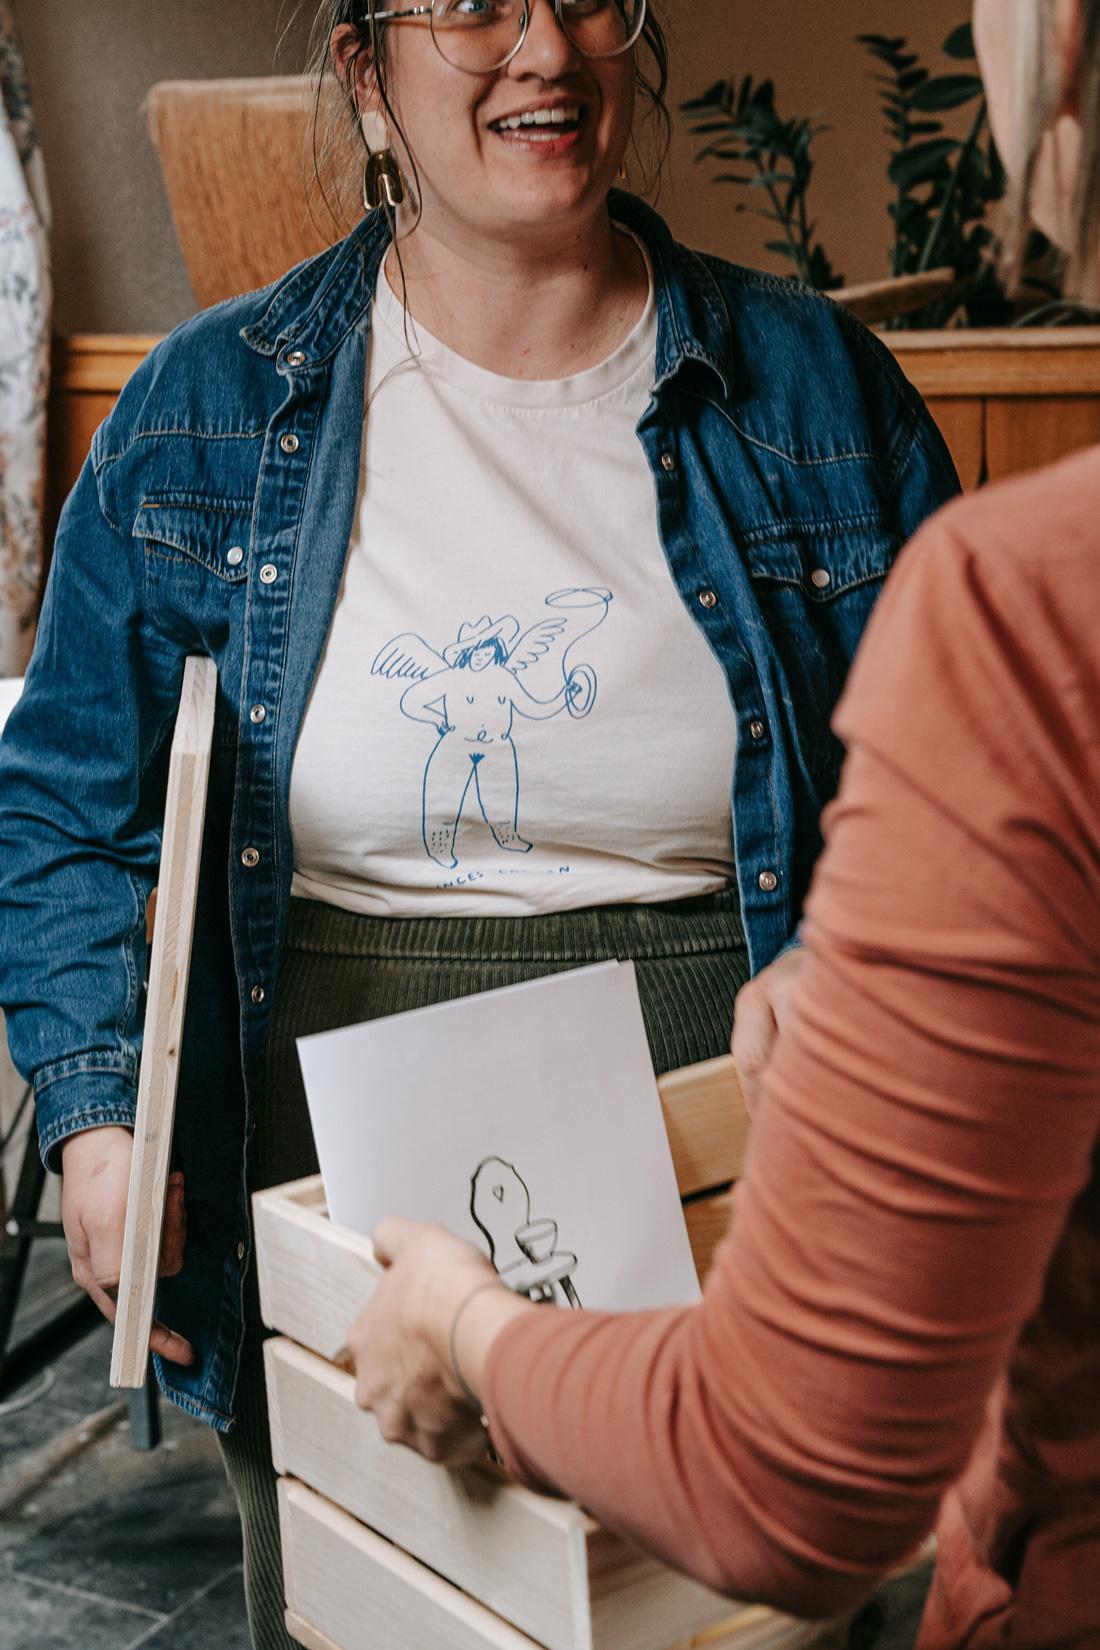 Übergabe des Keramik-Kit an die Teilnehmenden des Online Workshops. Foto von Pia Pia Pia Berchtold.